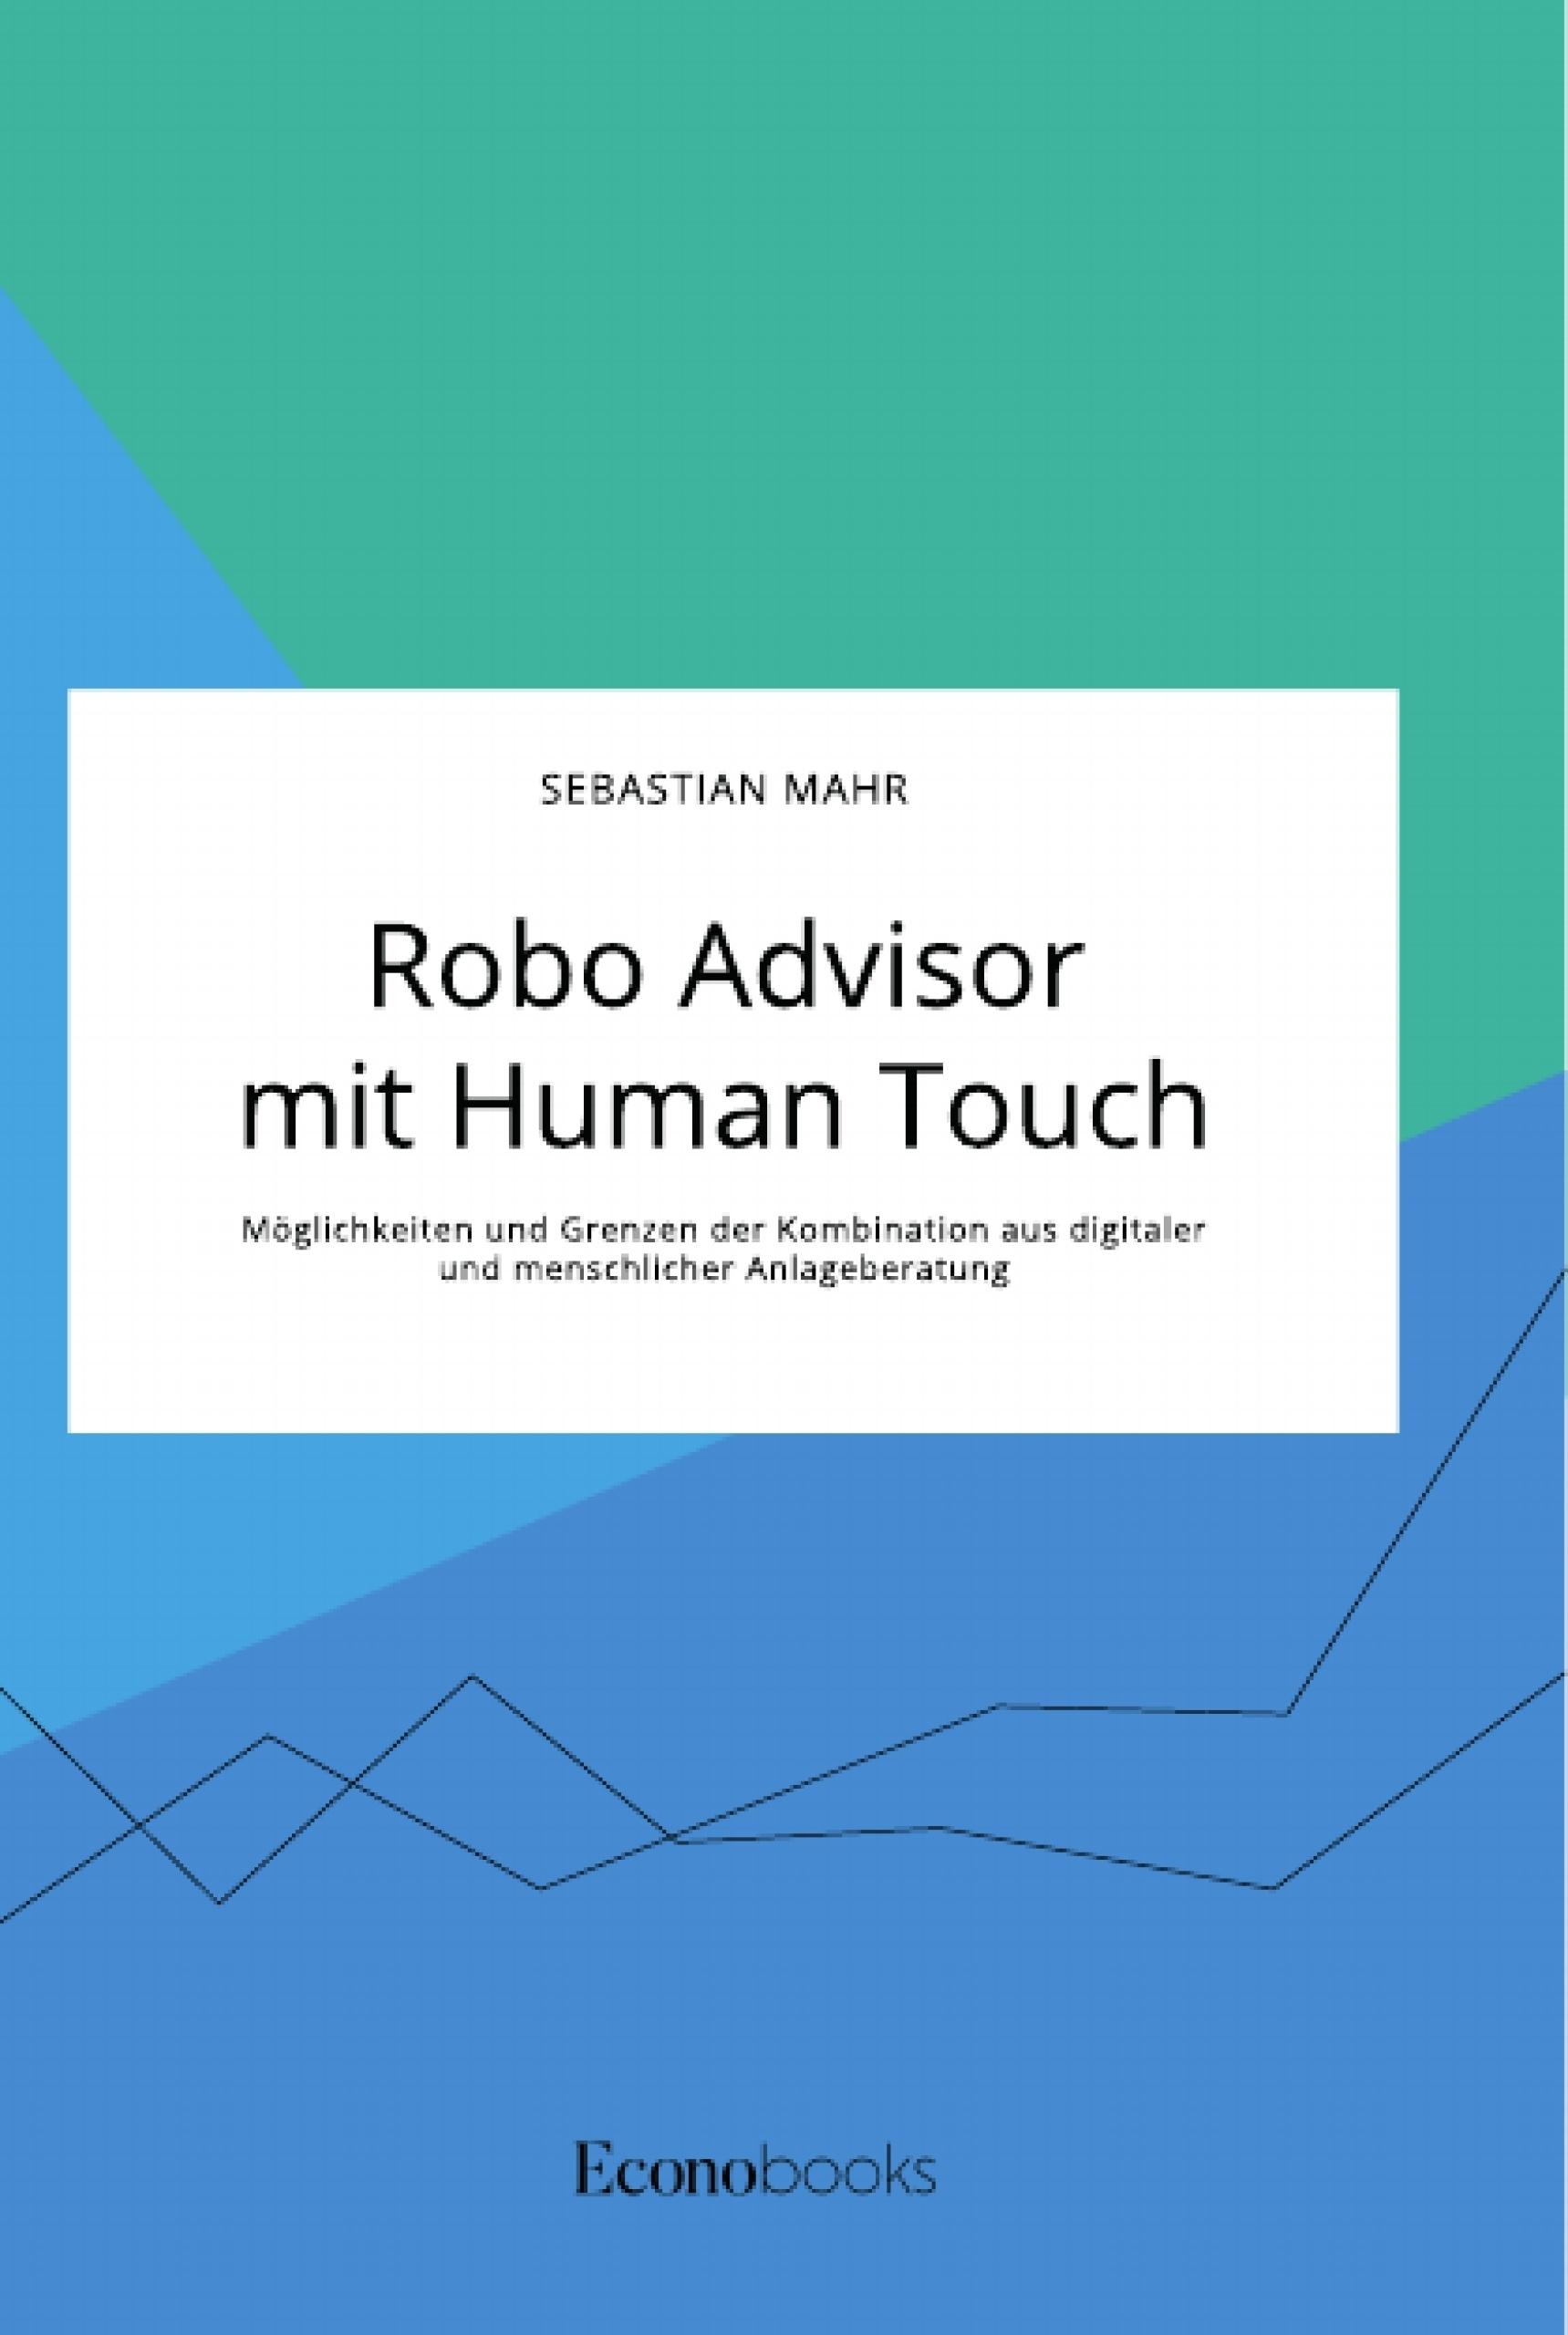 Titel: Robo Advisor mit Human Touch. Möglichkeiten und Grenzen der Kombination aus digitaler und menschlicher Anlageberatung